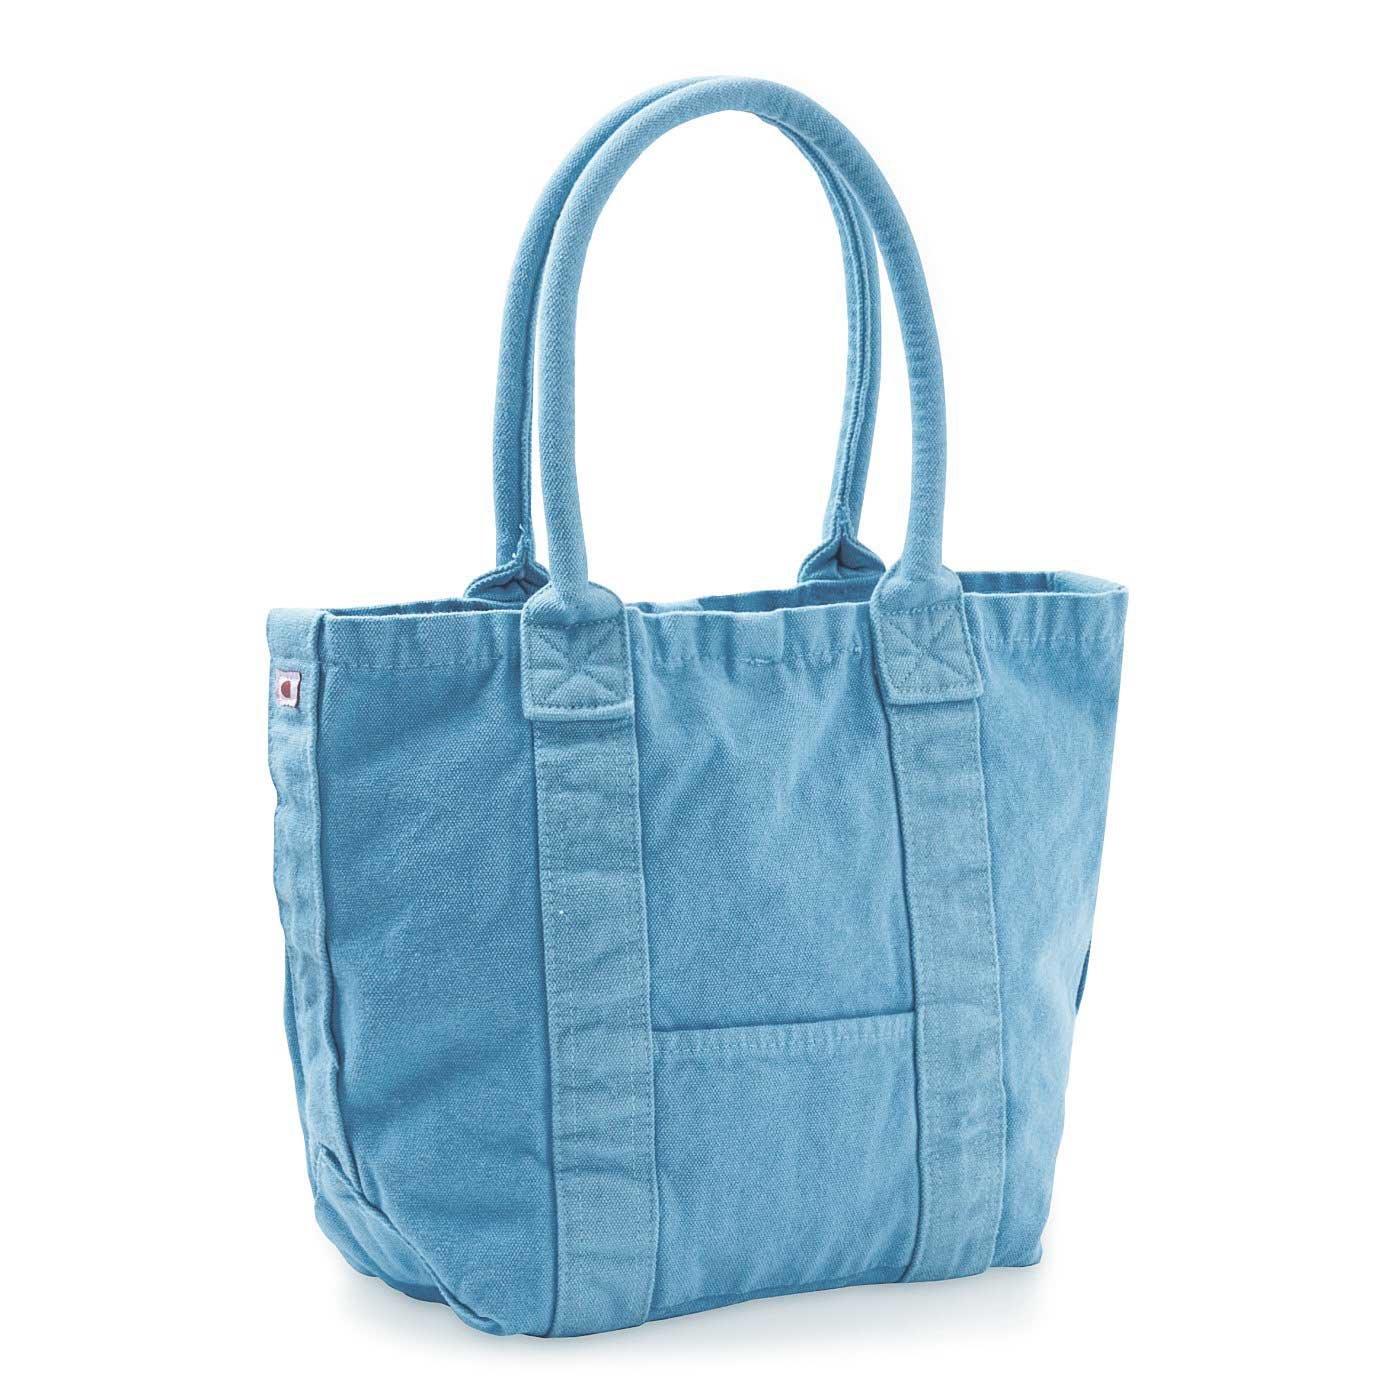 ざっくりな風合いがお気に入り 倉敷染め洗える16オンス帆布のご近所バッグの会